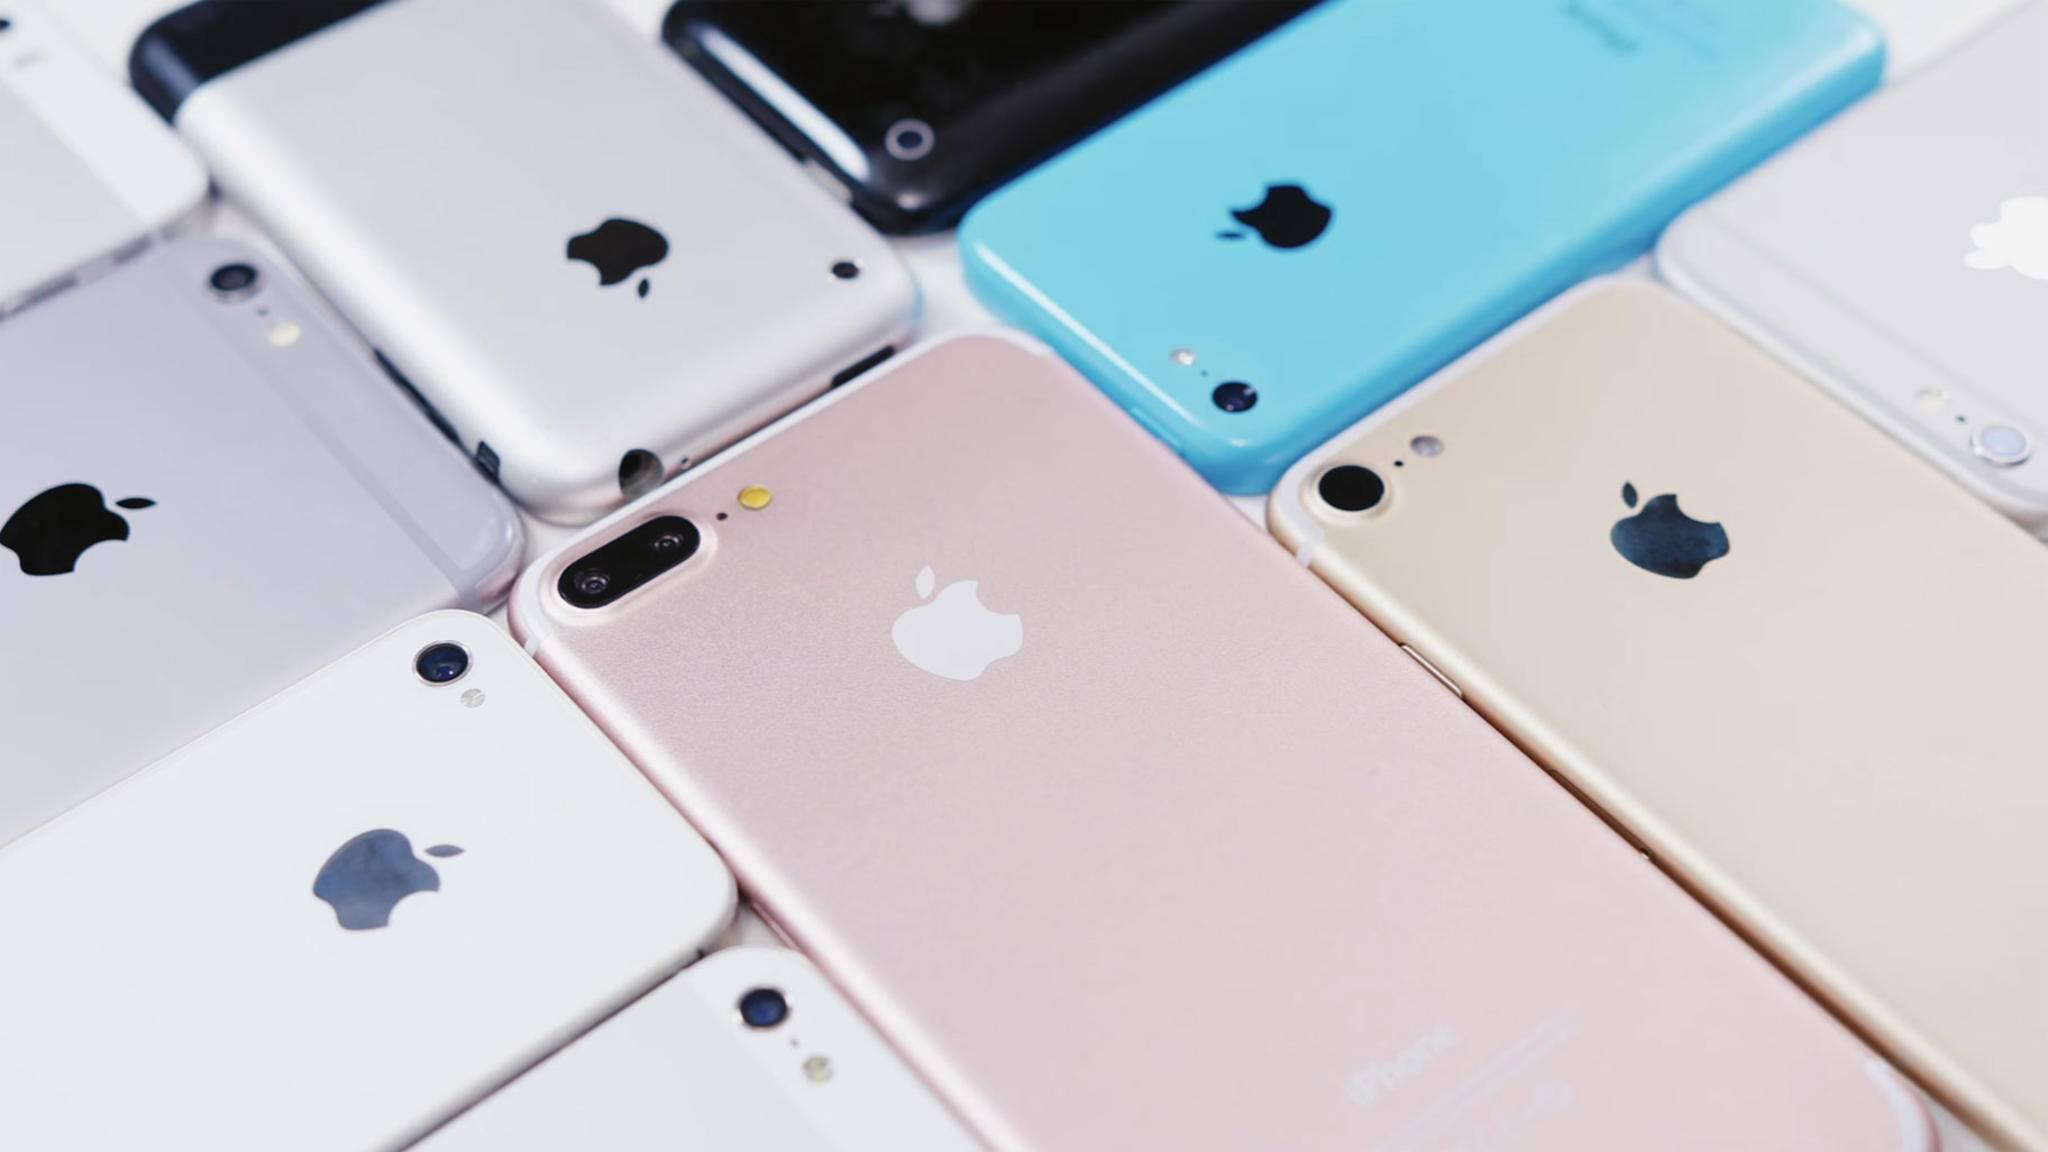 Ob Dein iPhone überhaupt iOS 11 bekommt, solltest Du schon im Vorfeld gecheckt haben.